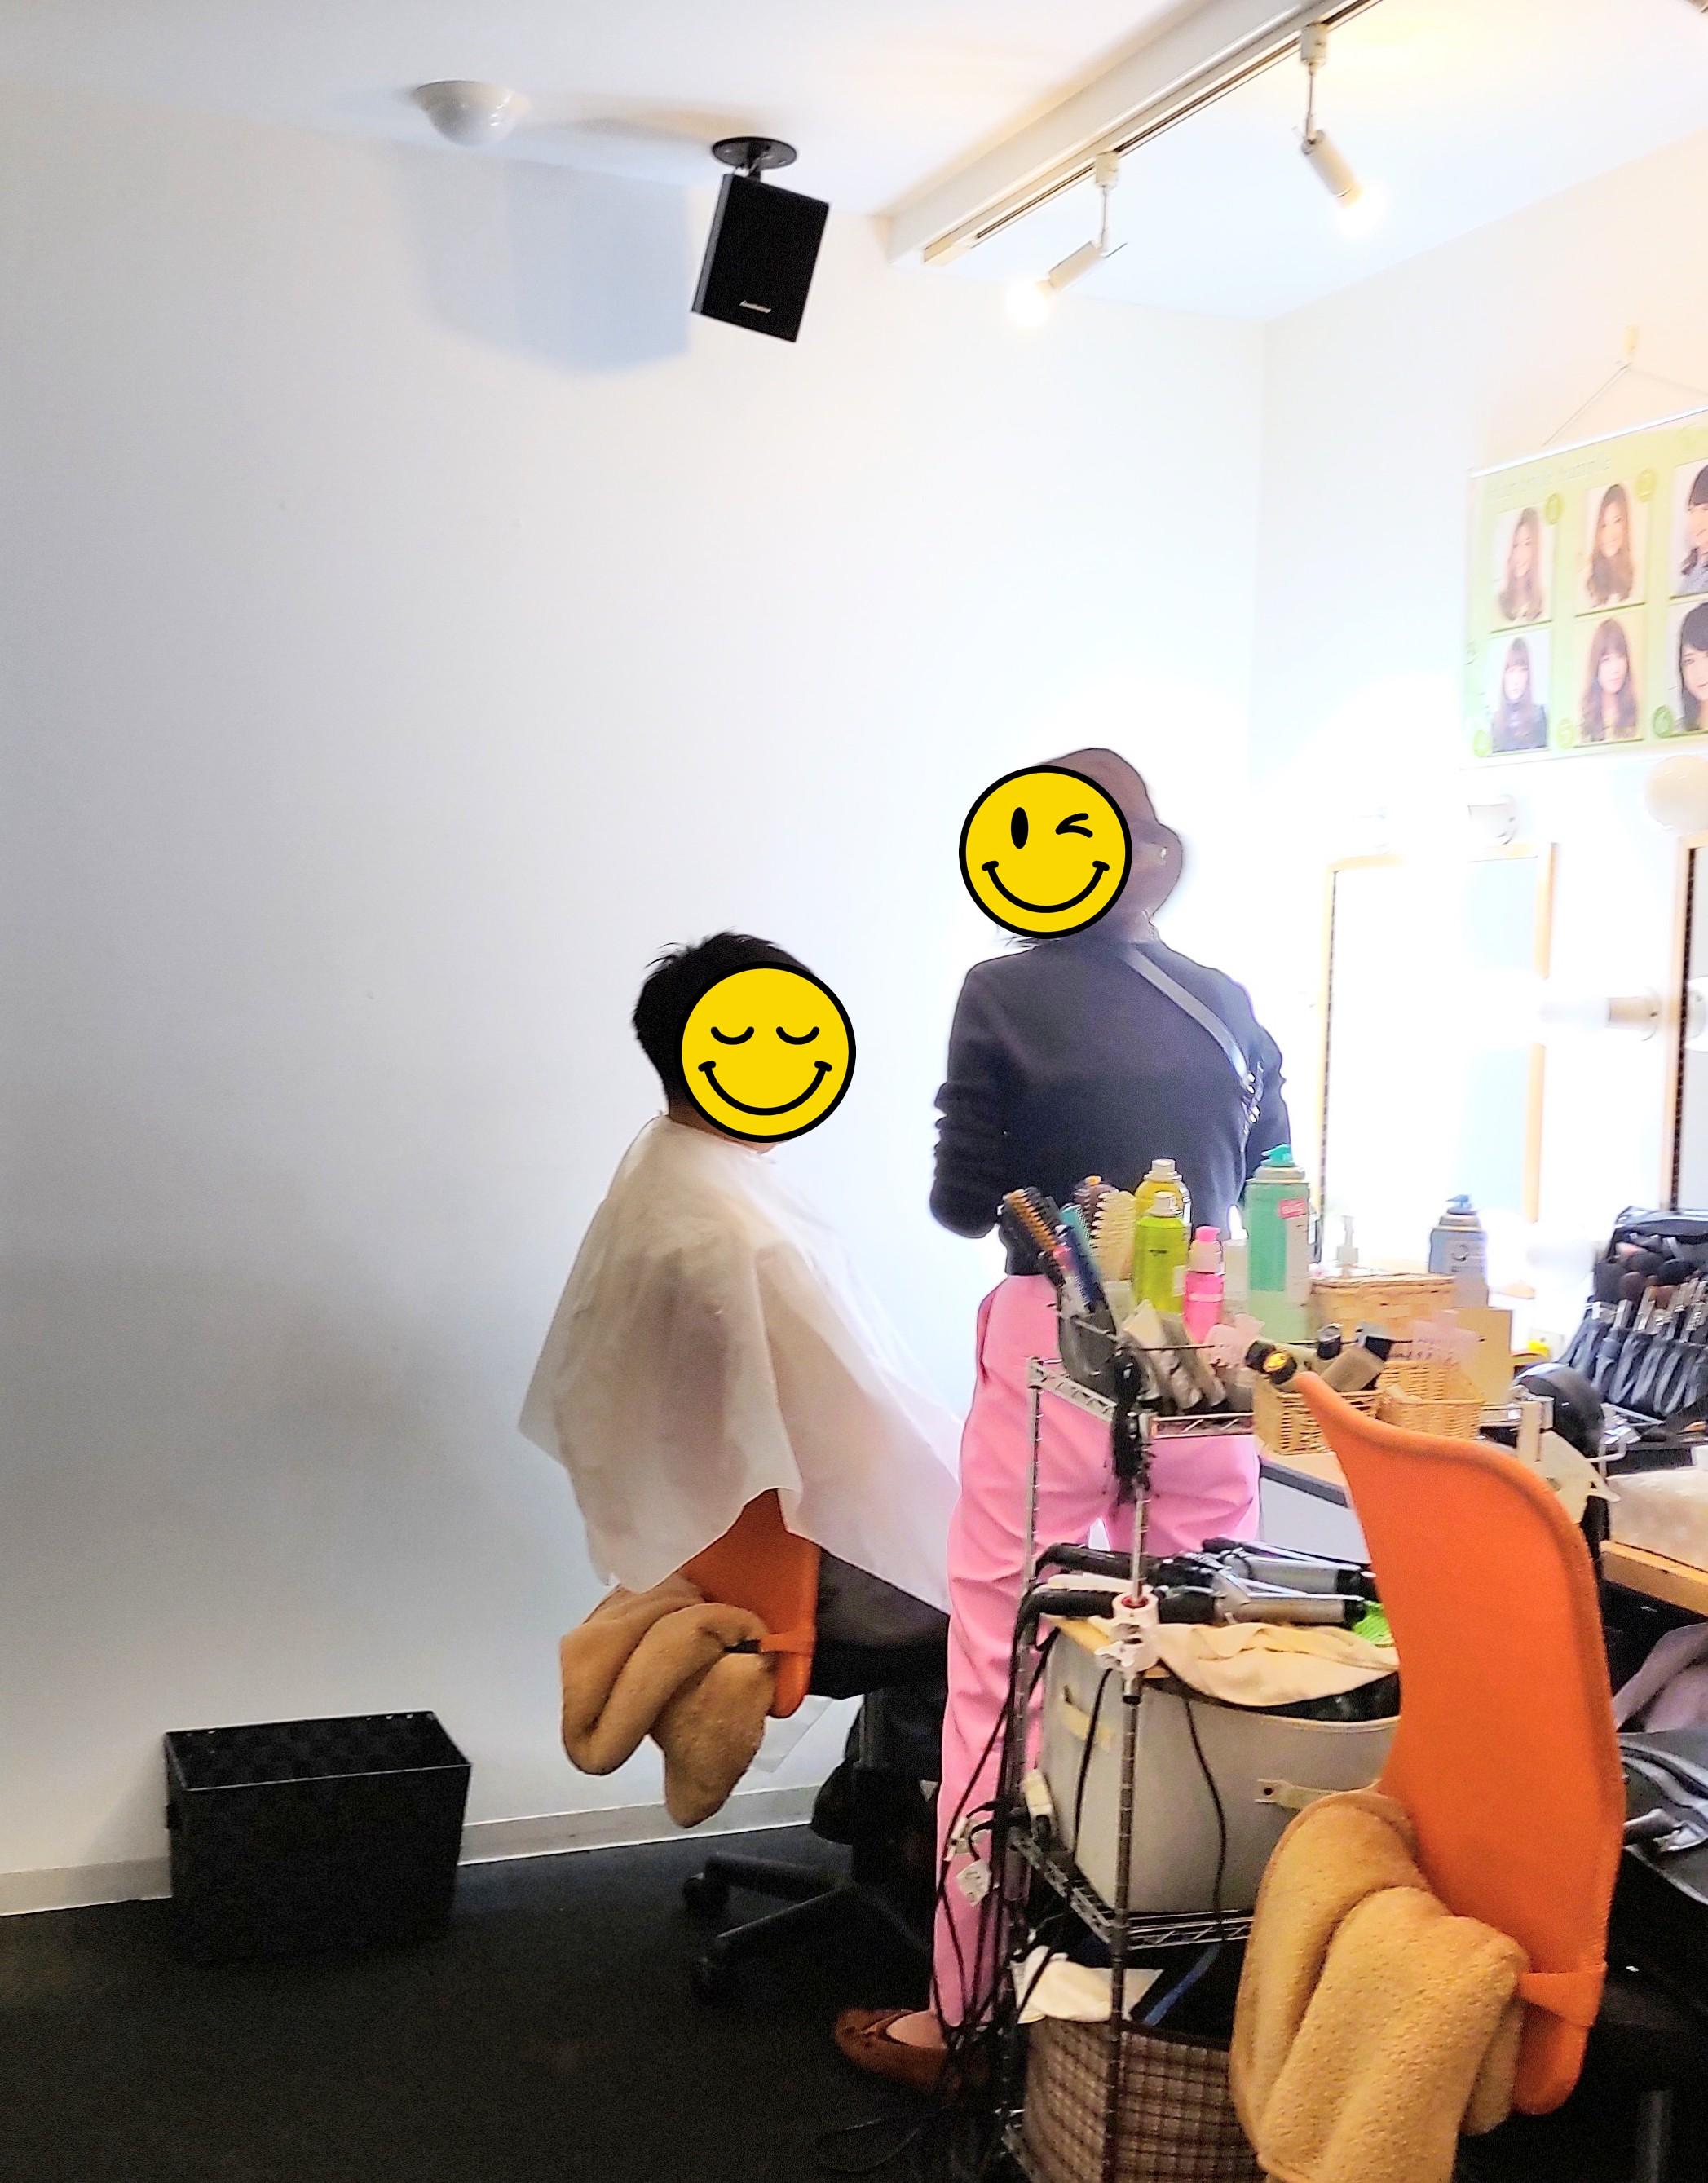 ★【婚活】準備・活動編★<br>新規会員さん(40代前半・男性)とスターメーカー様へ撮影に行きました。